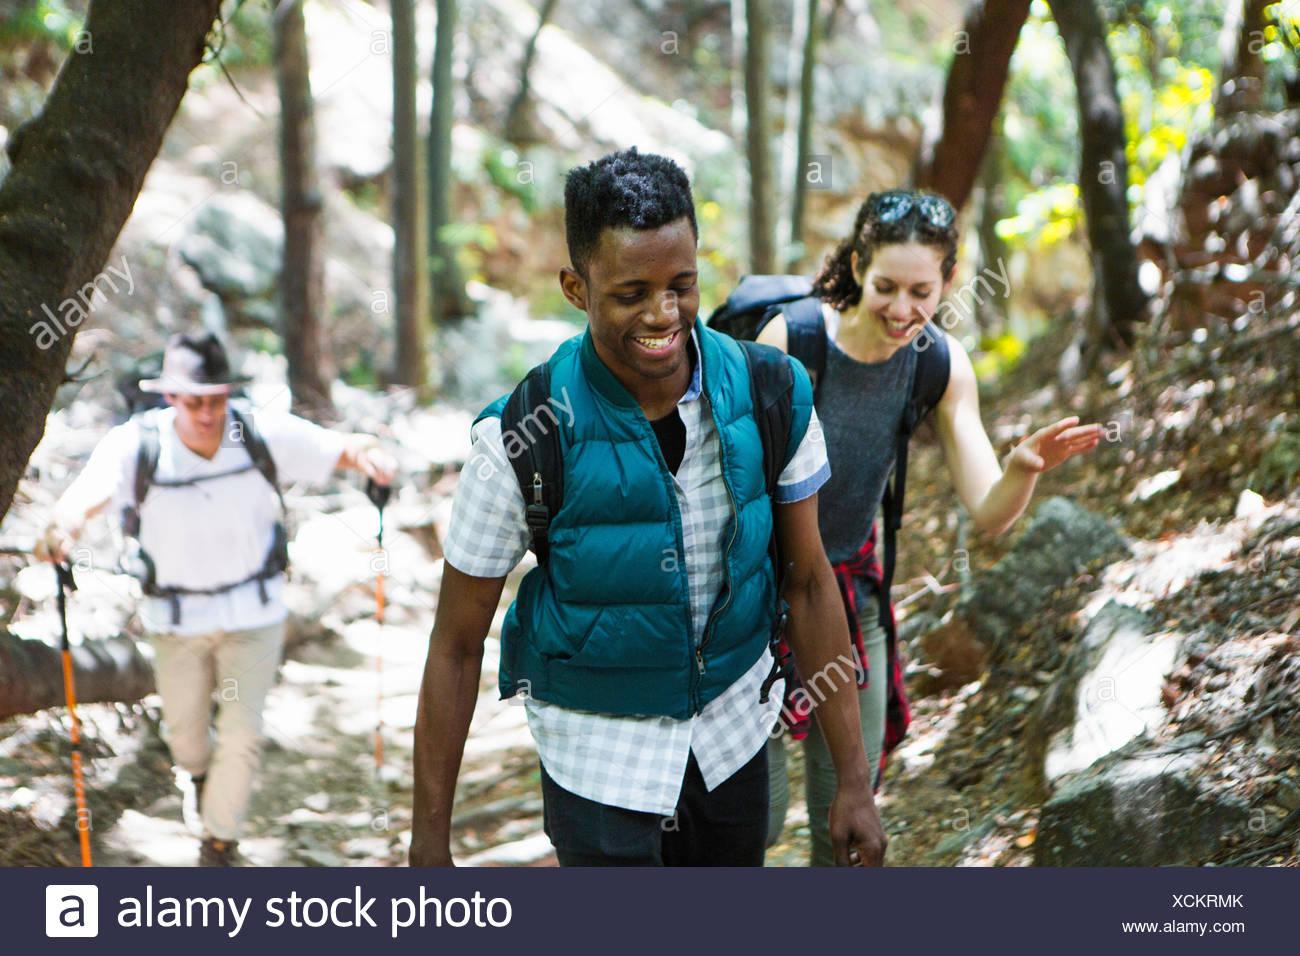 Drei junge Erwachsene Wanderer Wandern durch den Wald, Arcadia, Kalifornien, USA Stockbild